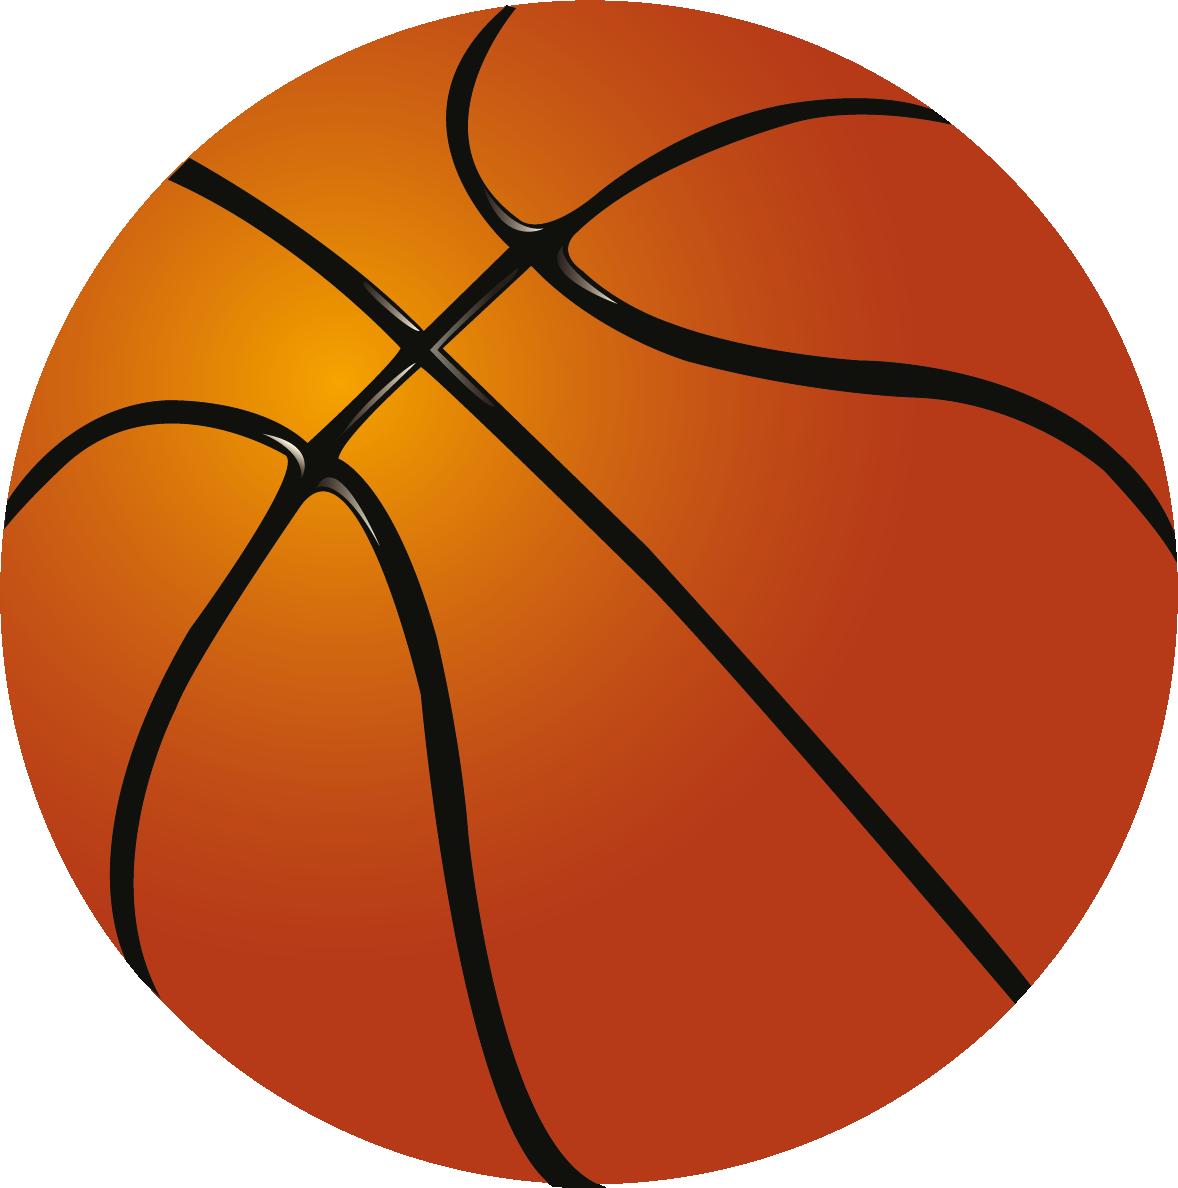 Ball Clip Art-Ball Clip Art-3